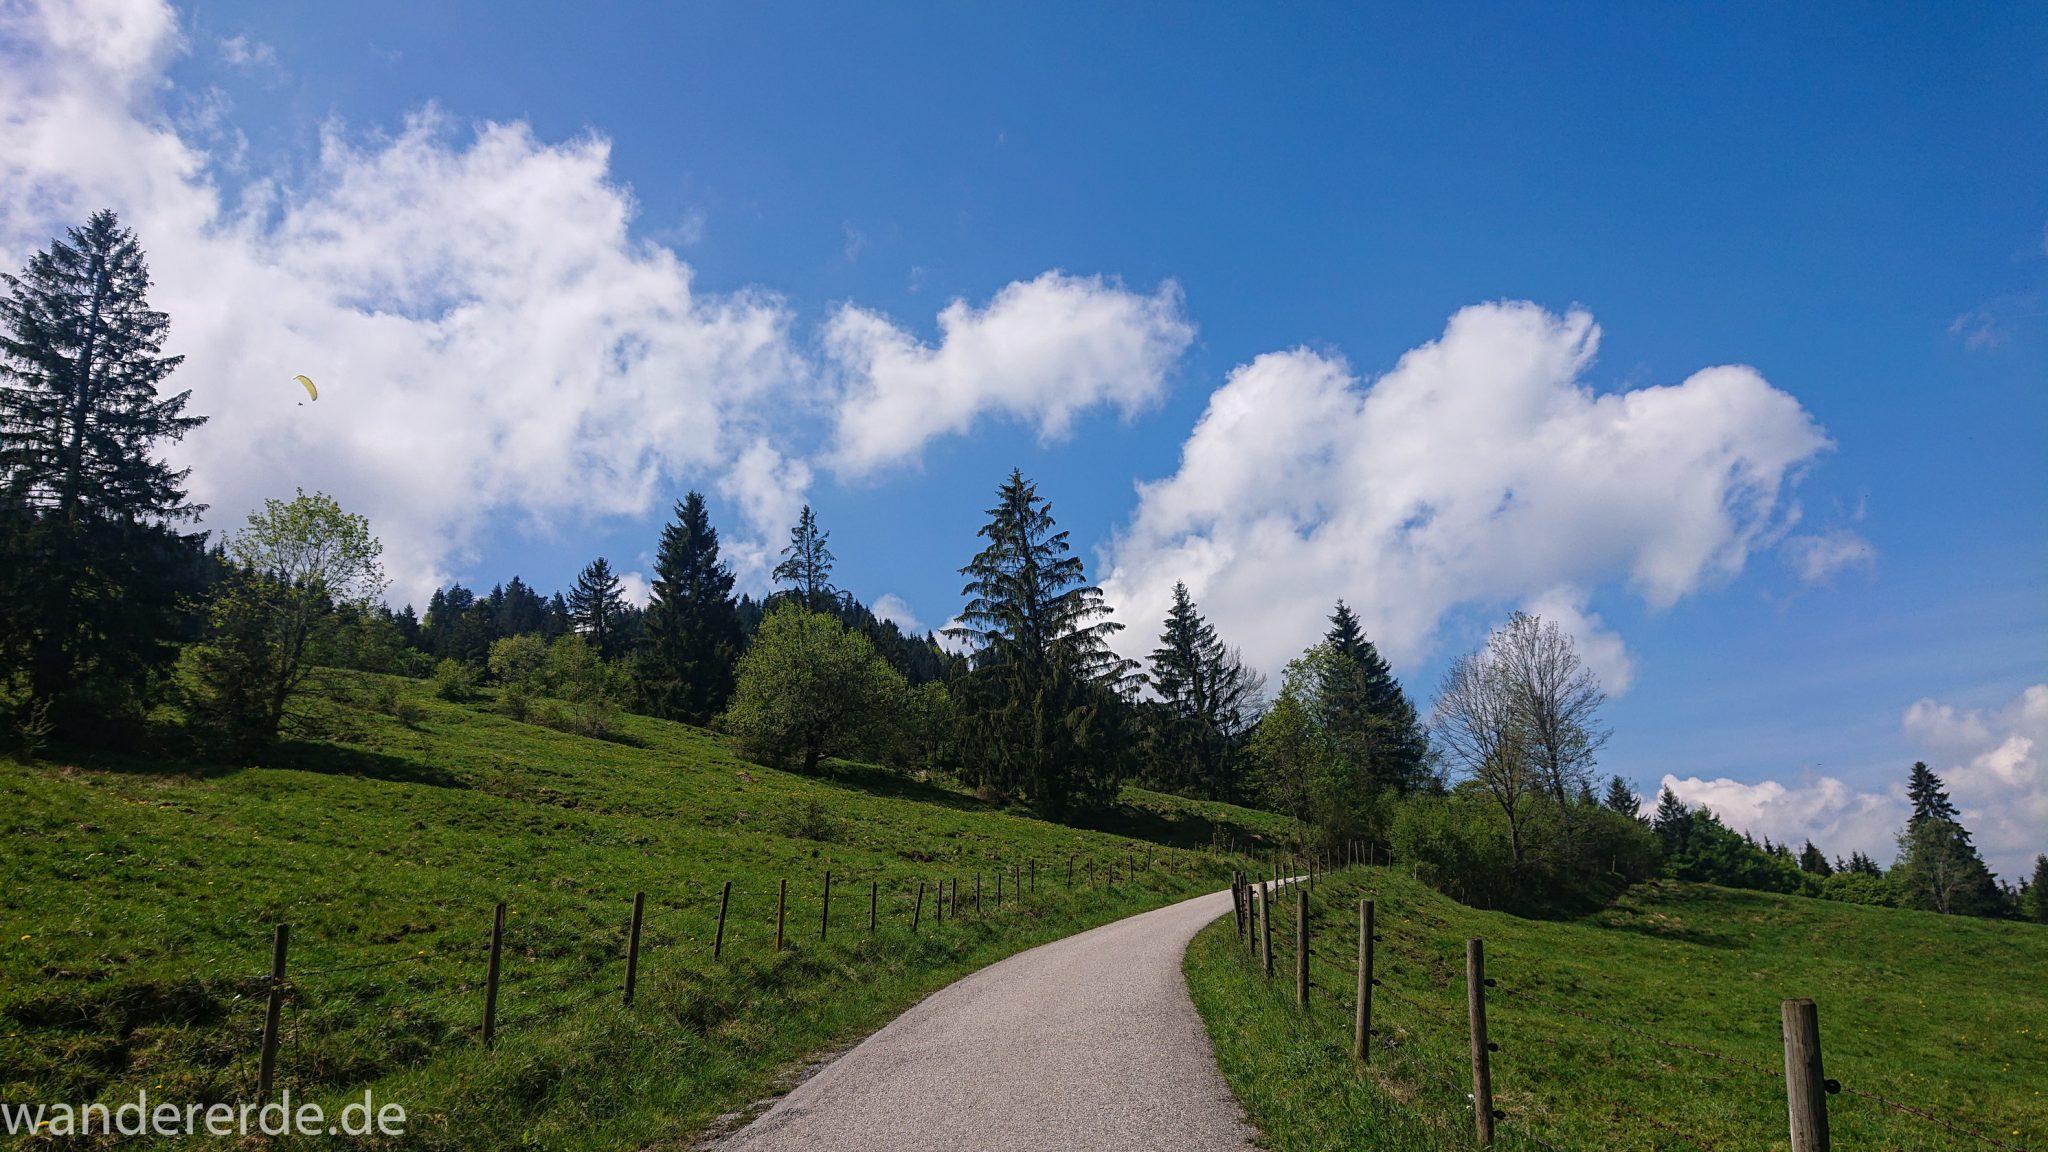 Wanderung zur Kenzenhütte in den Ammergauer Alpen, Weg entlang schmaler Straße, umgeben von grünem Weideland, Bäume, schöner Frühlingstag